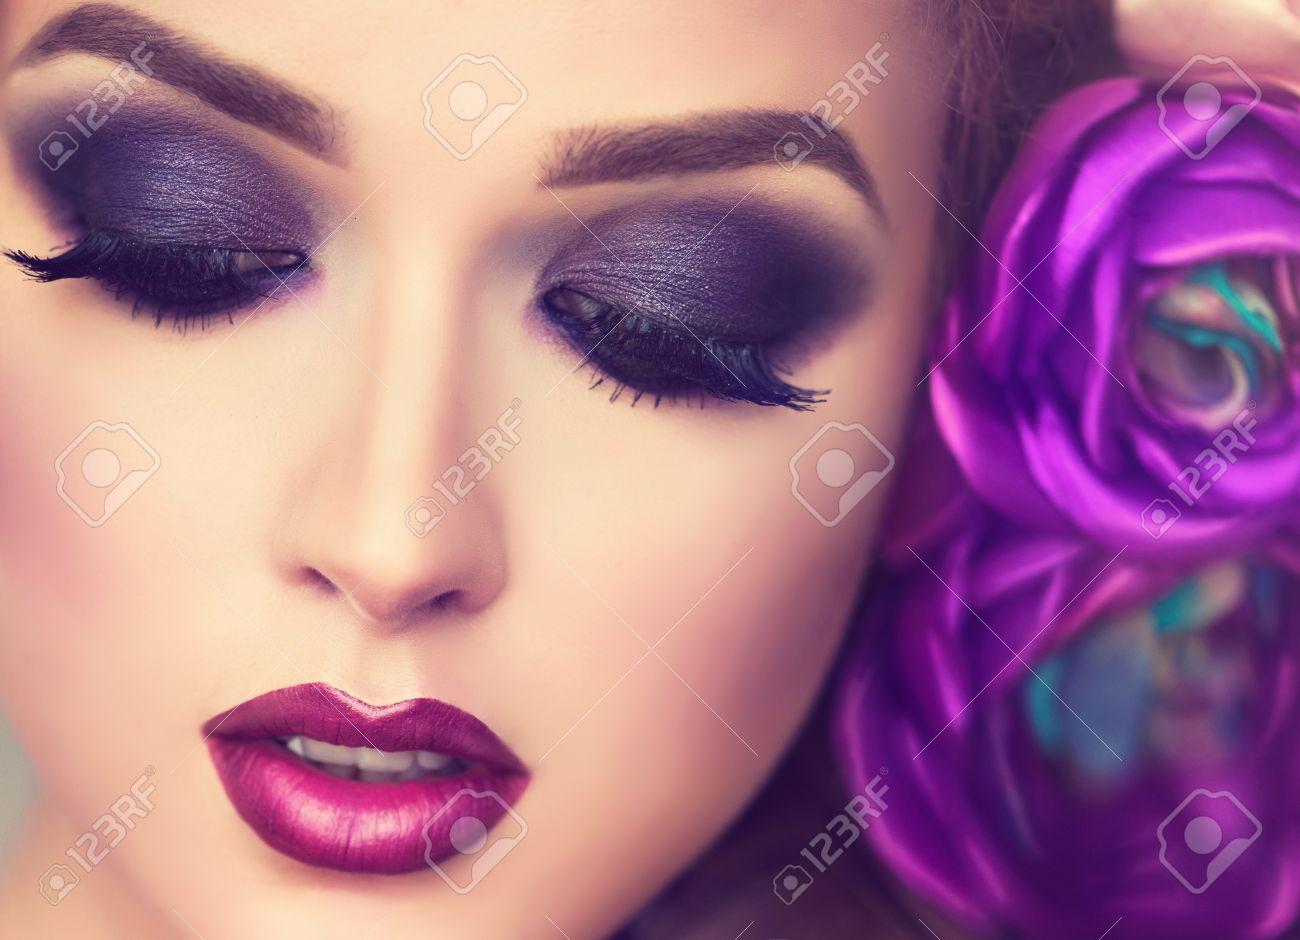 Beau Modèle Avec Couronne De Fleurs Sur Sa Tête Maquillage Yeux